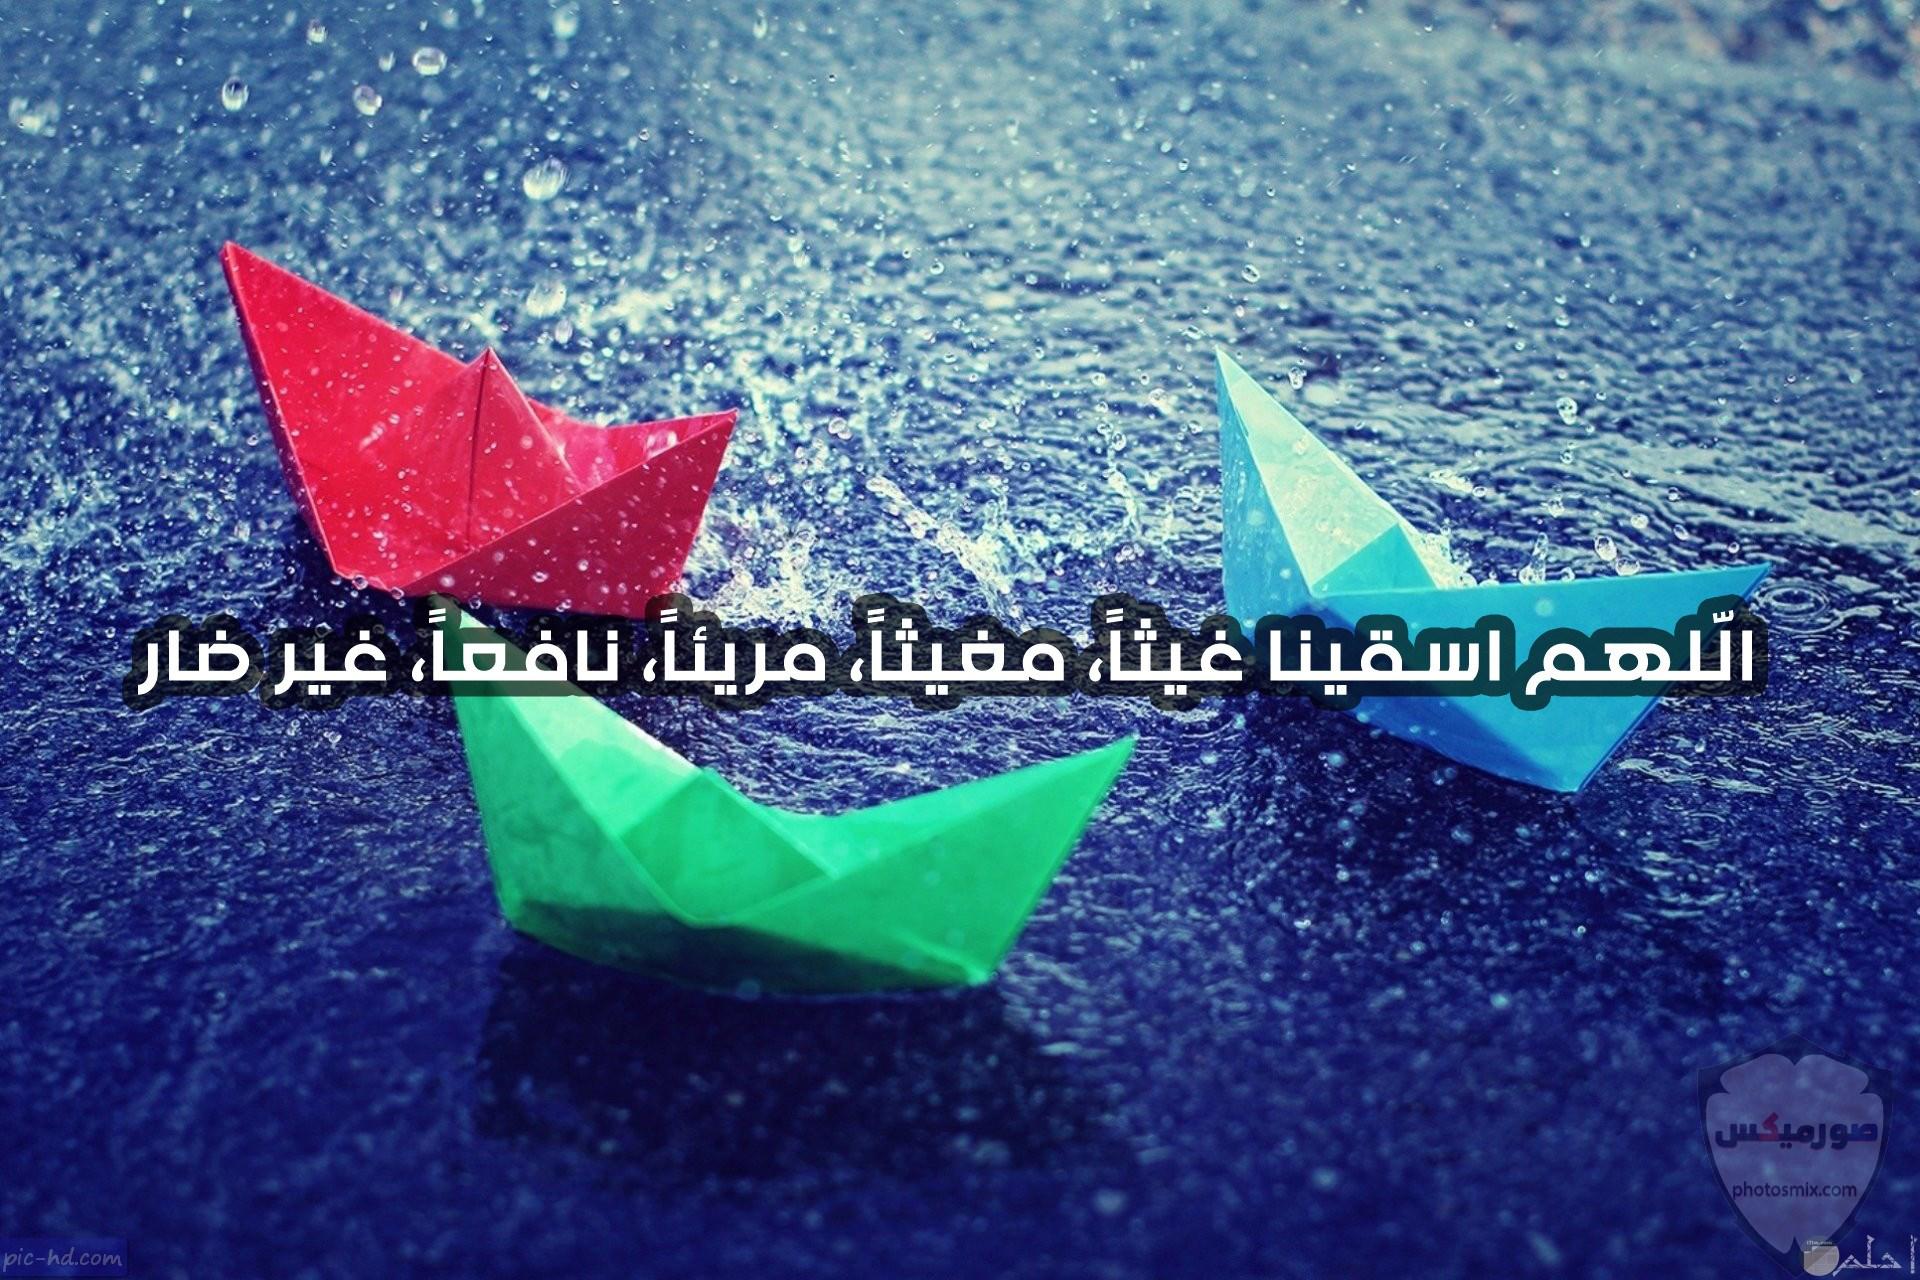 صور مطر جميلة اجمل خلفيات قطرات المطر ادعية عن الامطار والشتاء 9 1